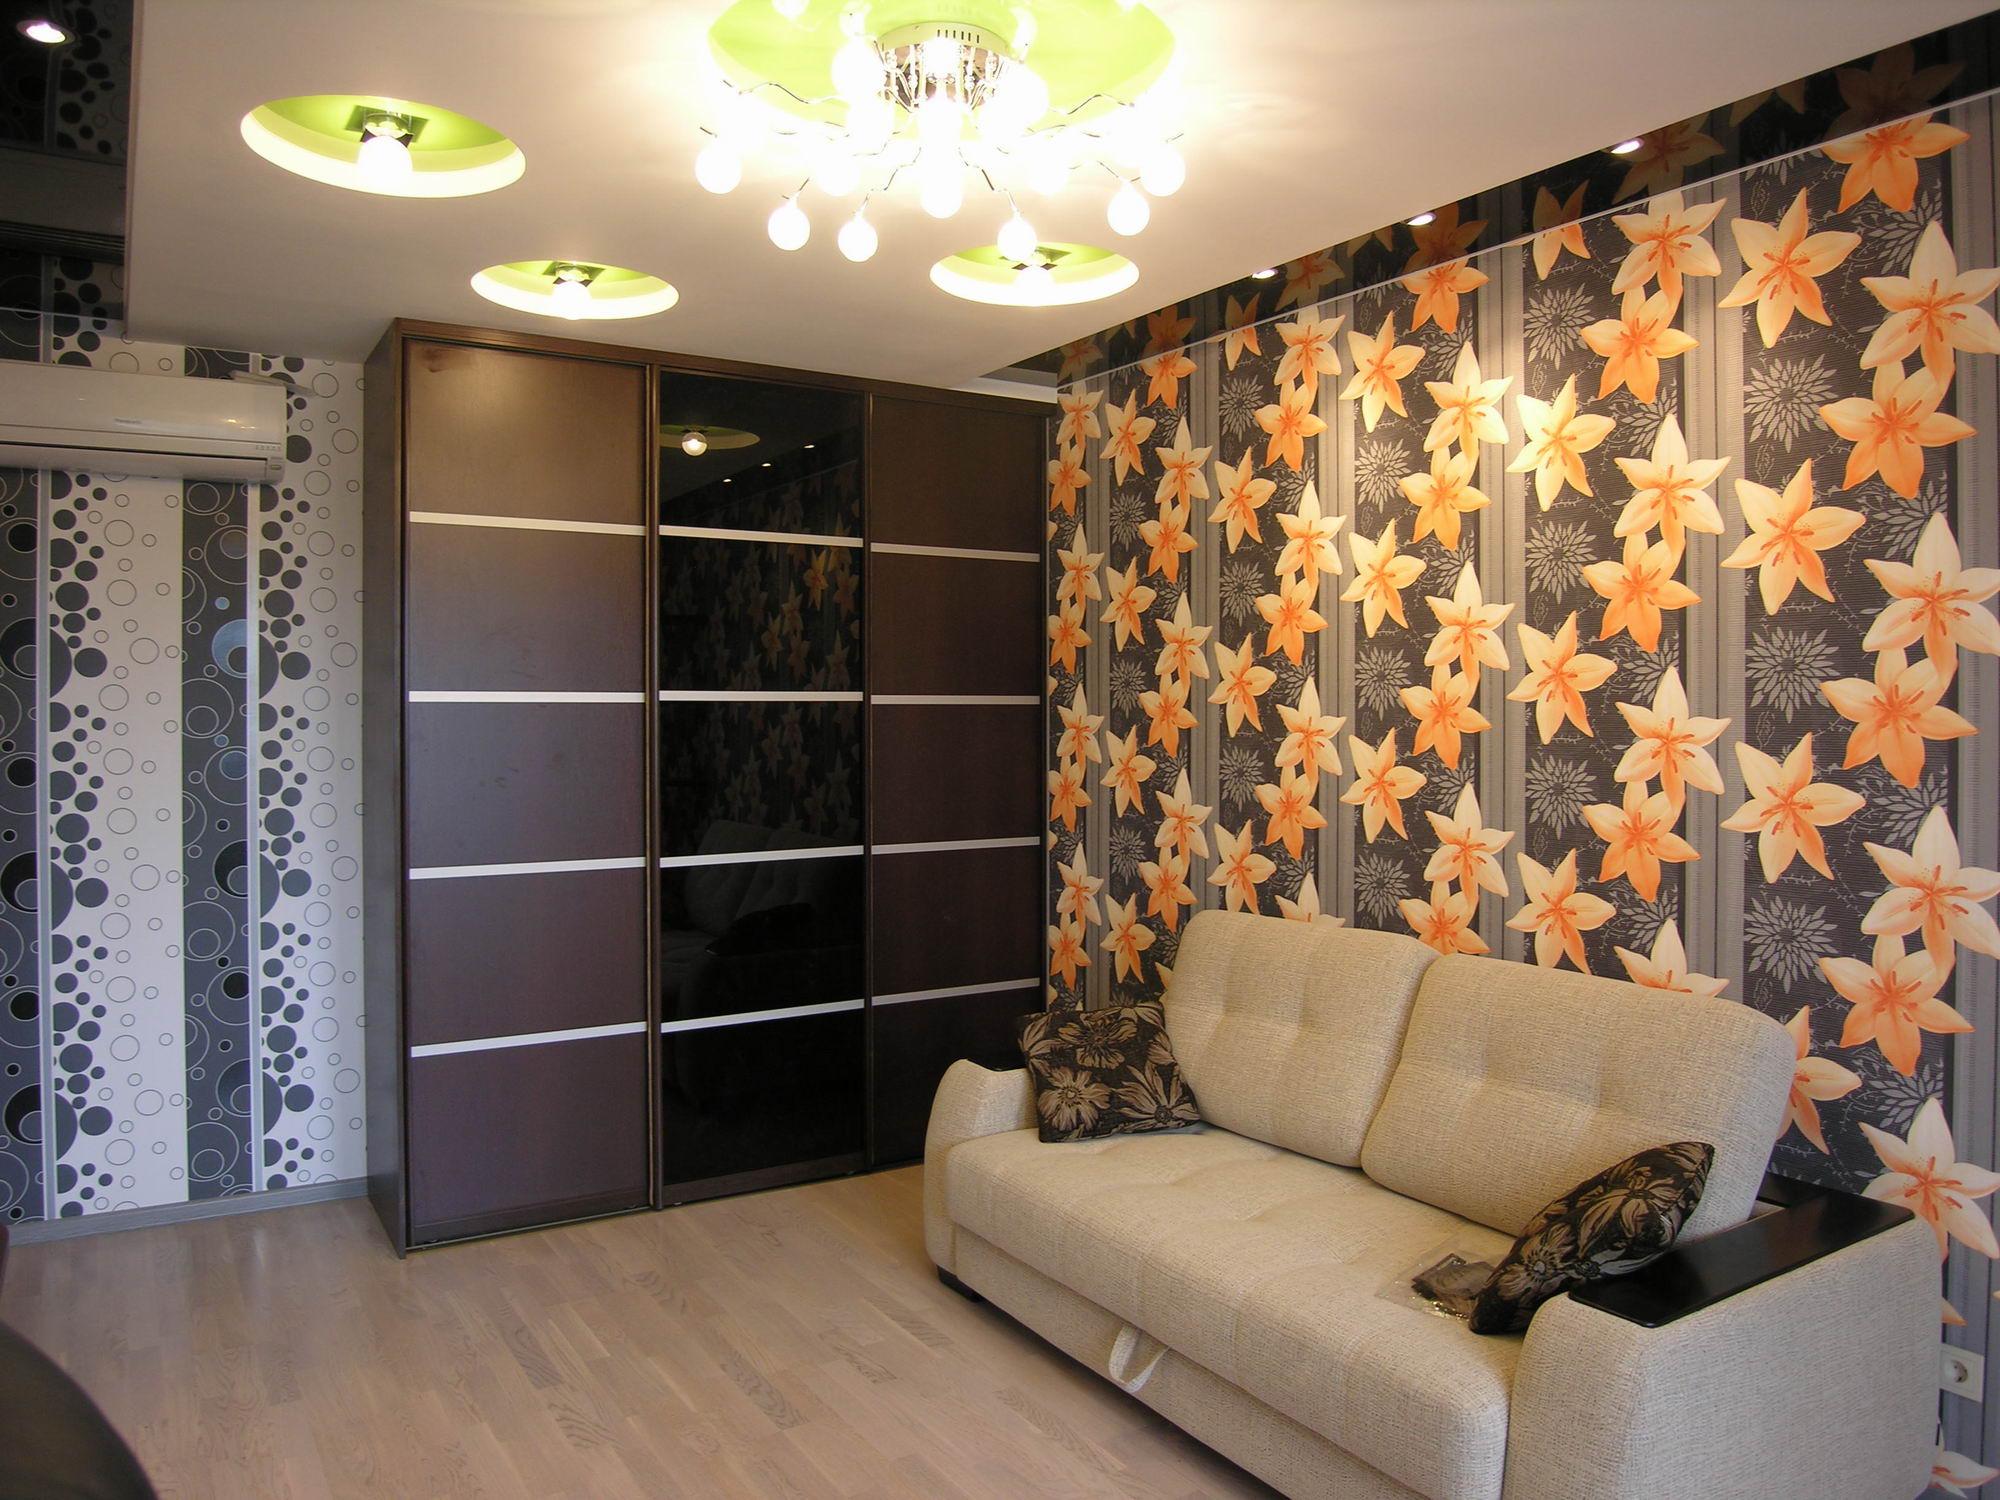 продажа диванов киров